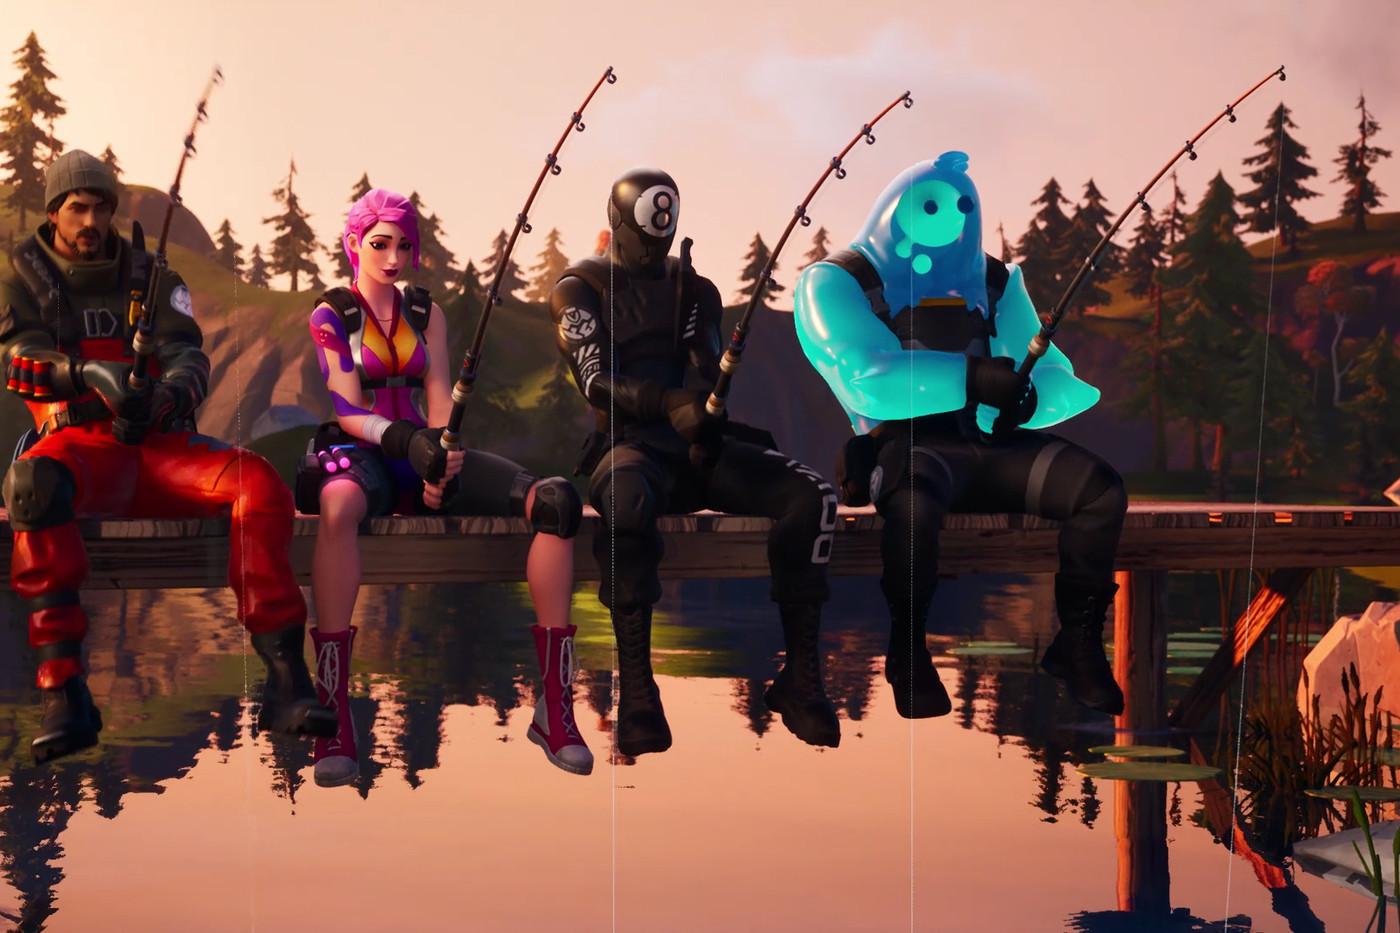 Fortnite Season 3 fishing